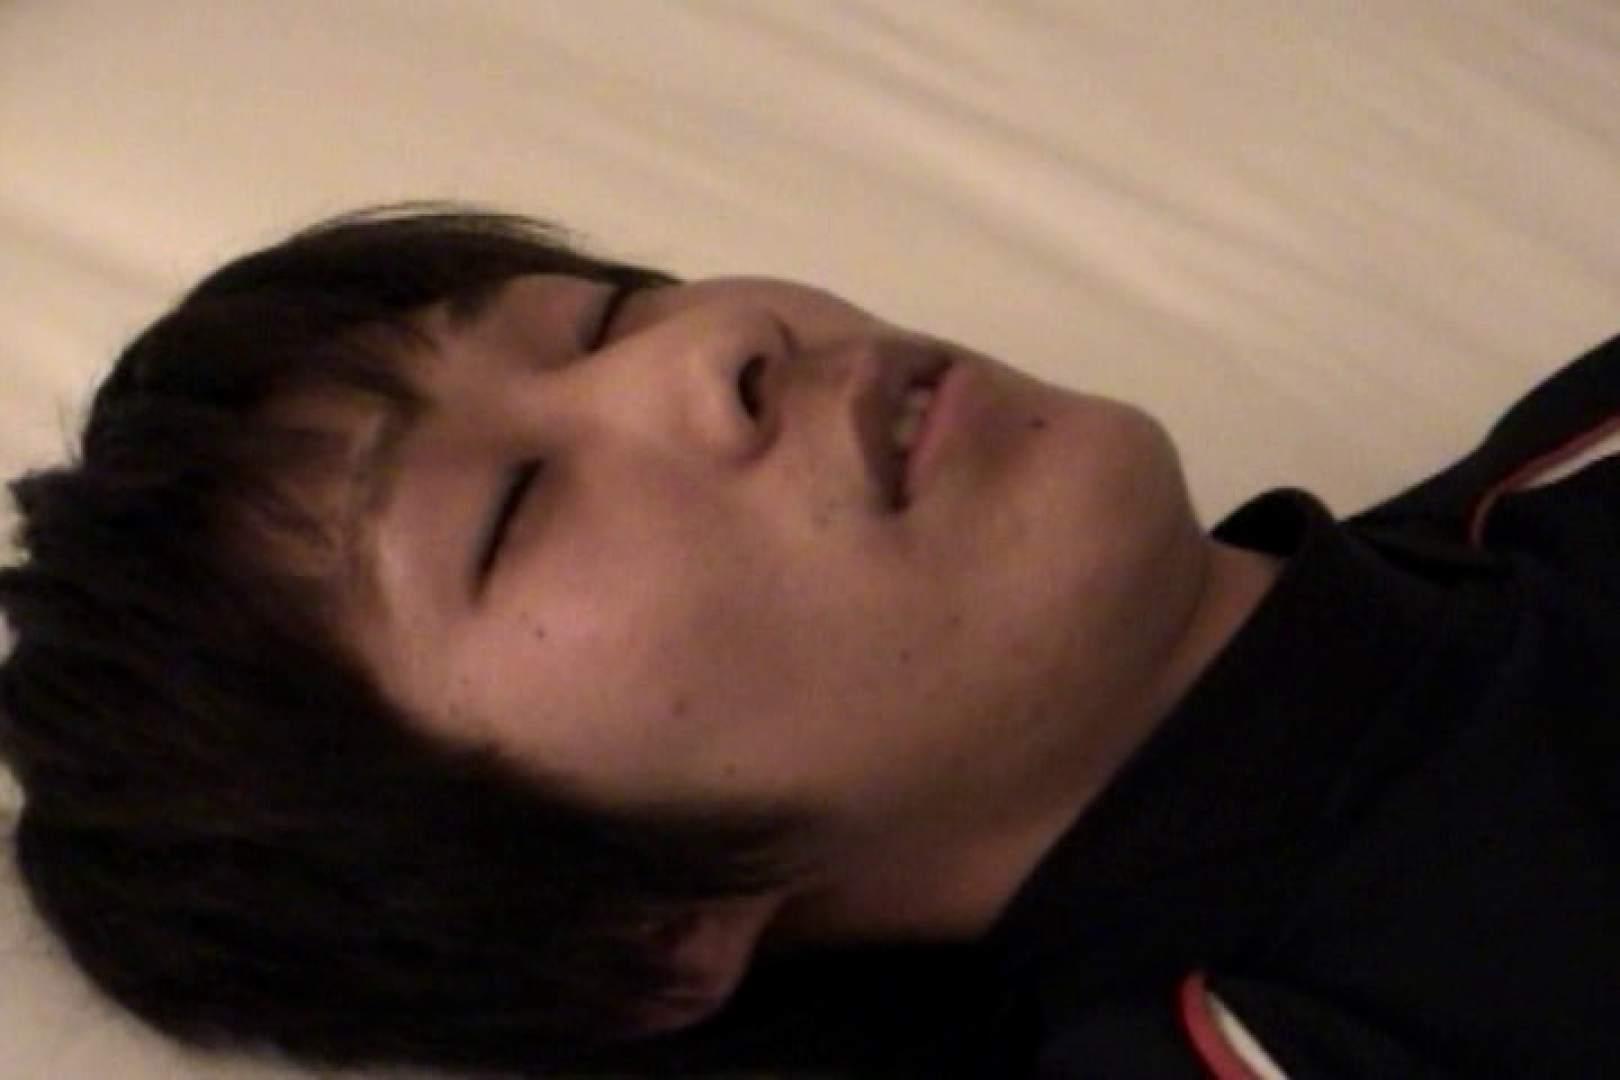 三ツ星シリーズ 魅惑のMemorial Night!! vol.01 三ツ星シリーズ ゲイアダルトビデオ画像 86枚 84